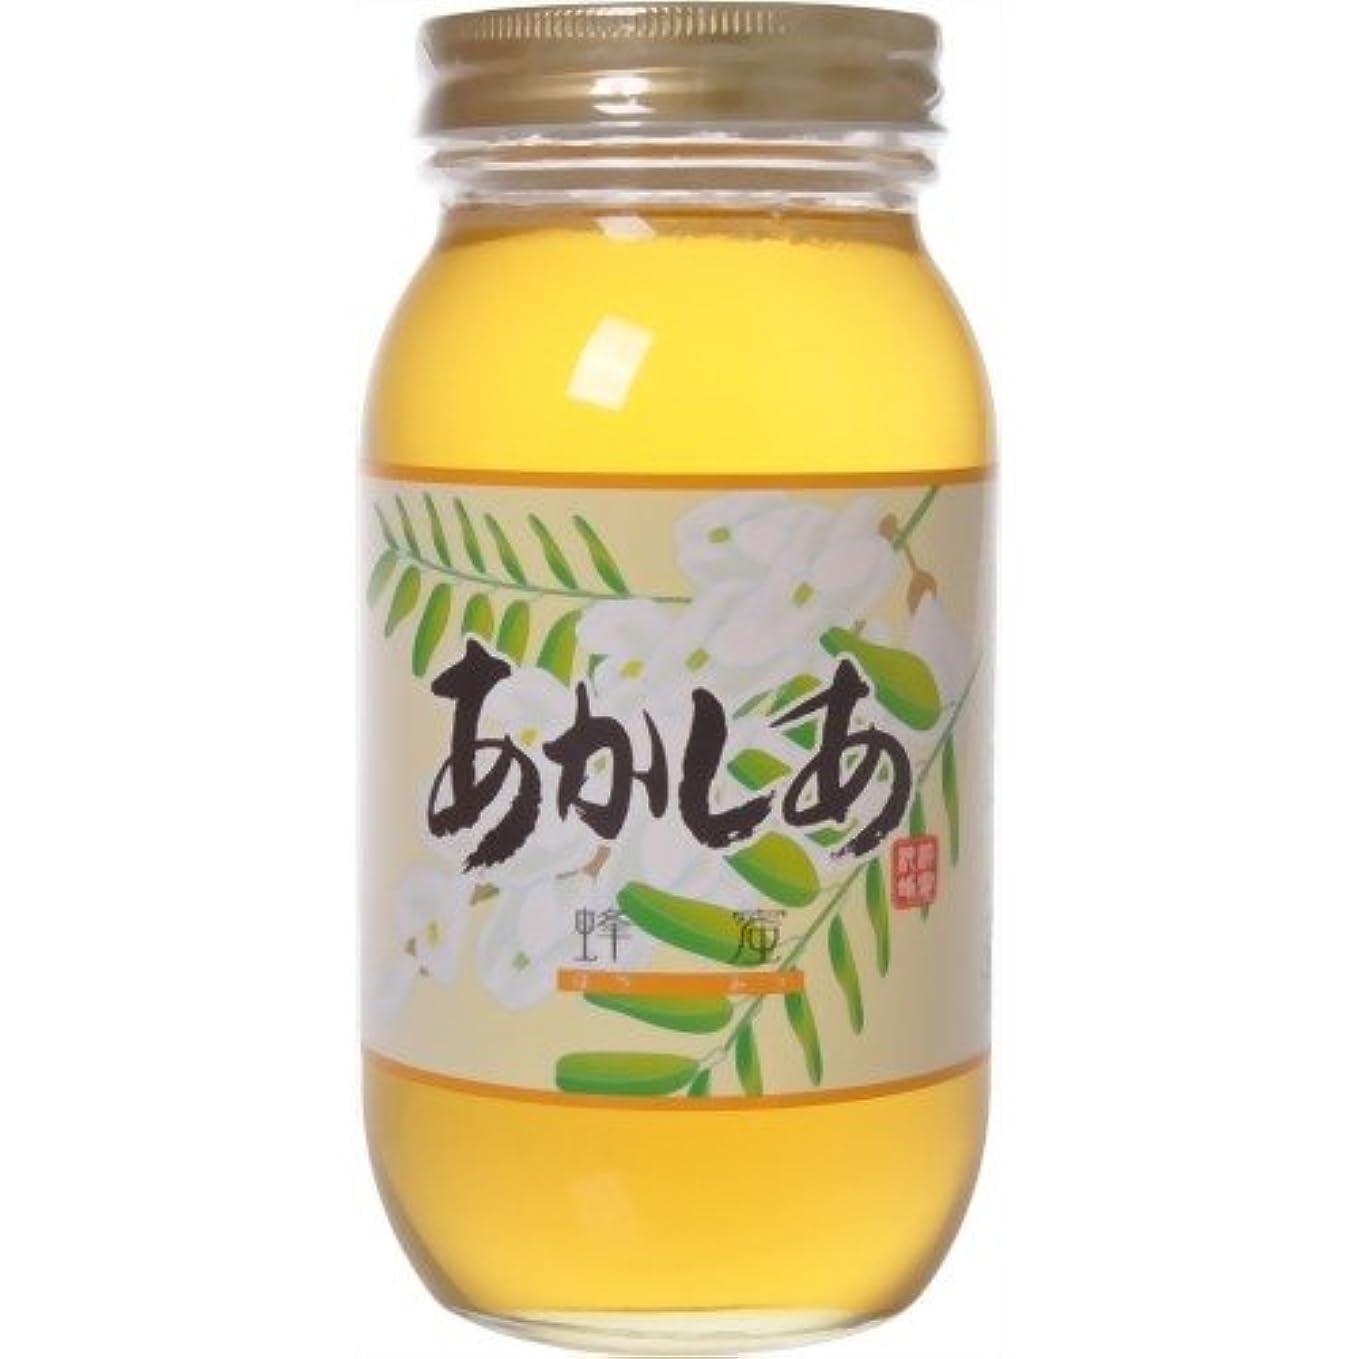 急降下クランシーレトルト藤井養蜂場 中国産アカシアはちみつ 1kg